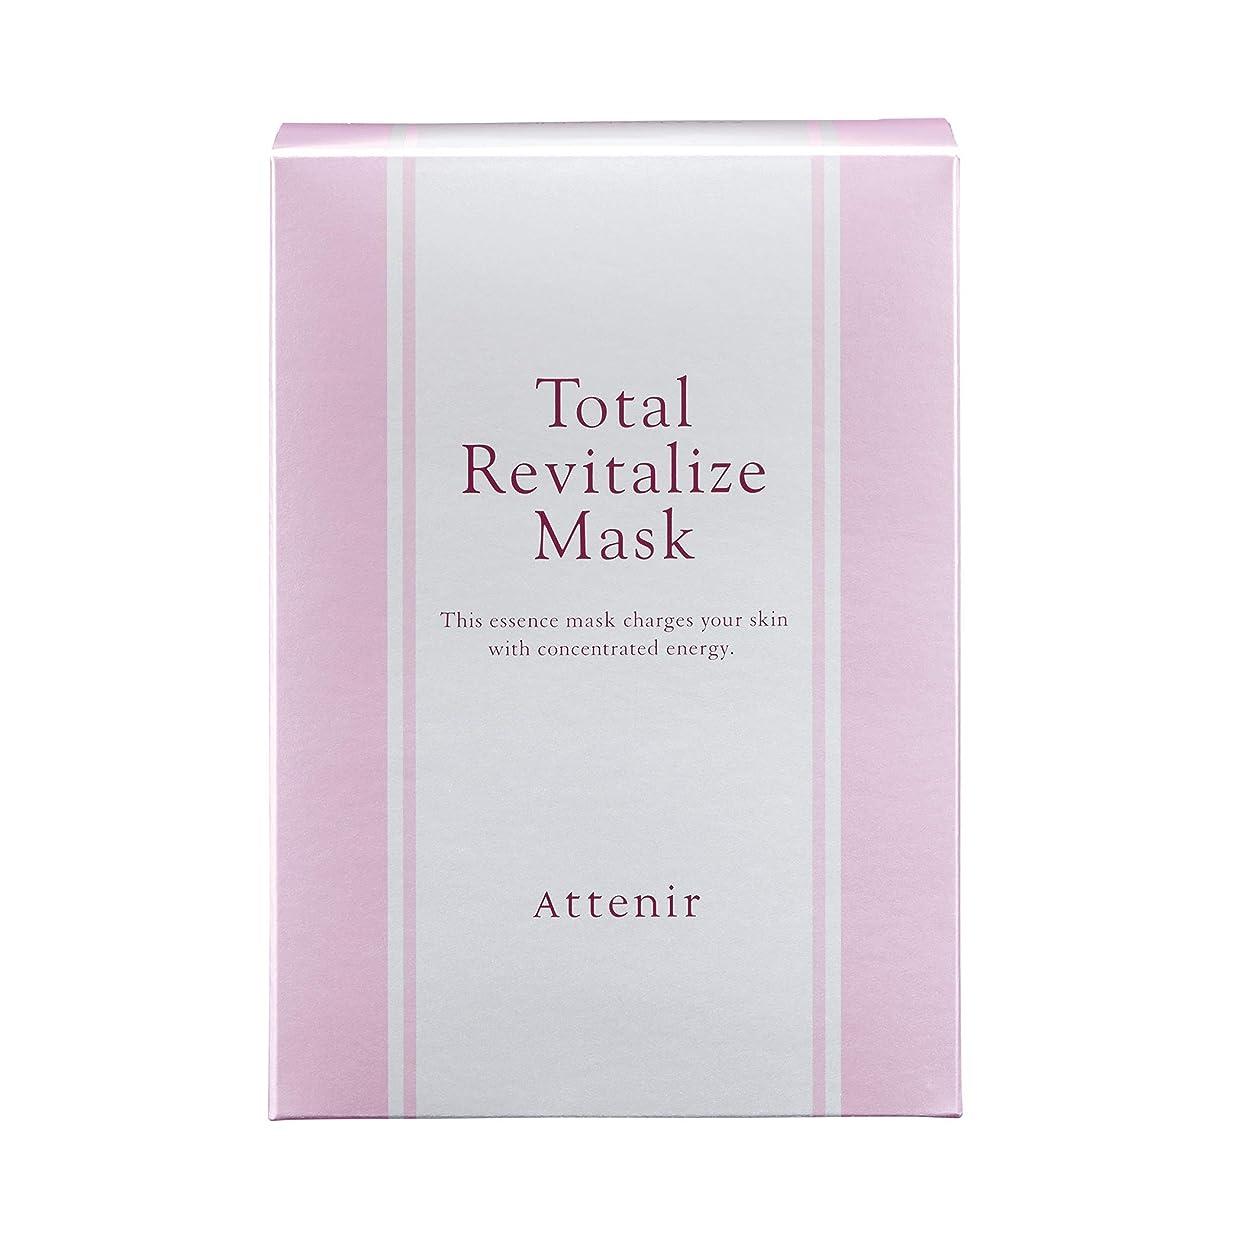 差できれば続編アテニア トータルリヴァイタライズ マスク肌疲労ケアシートマスク 全顔用 6包入り フェイスパック